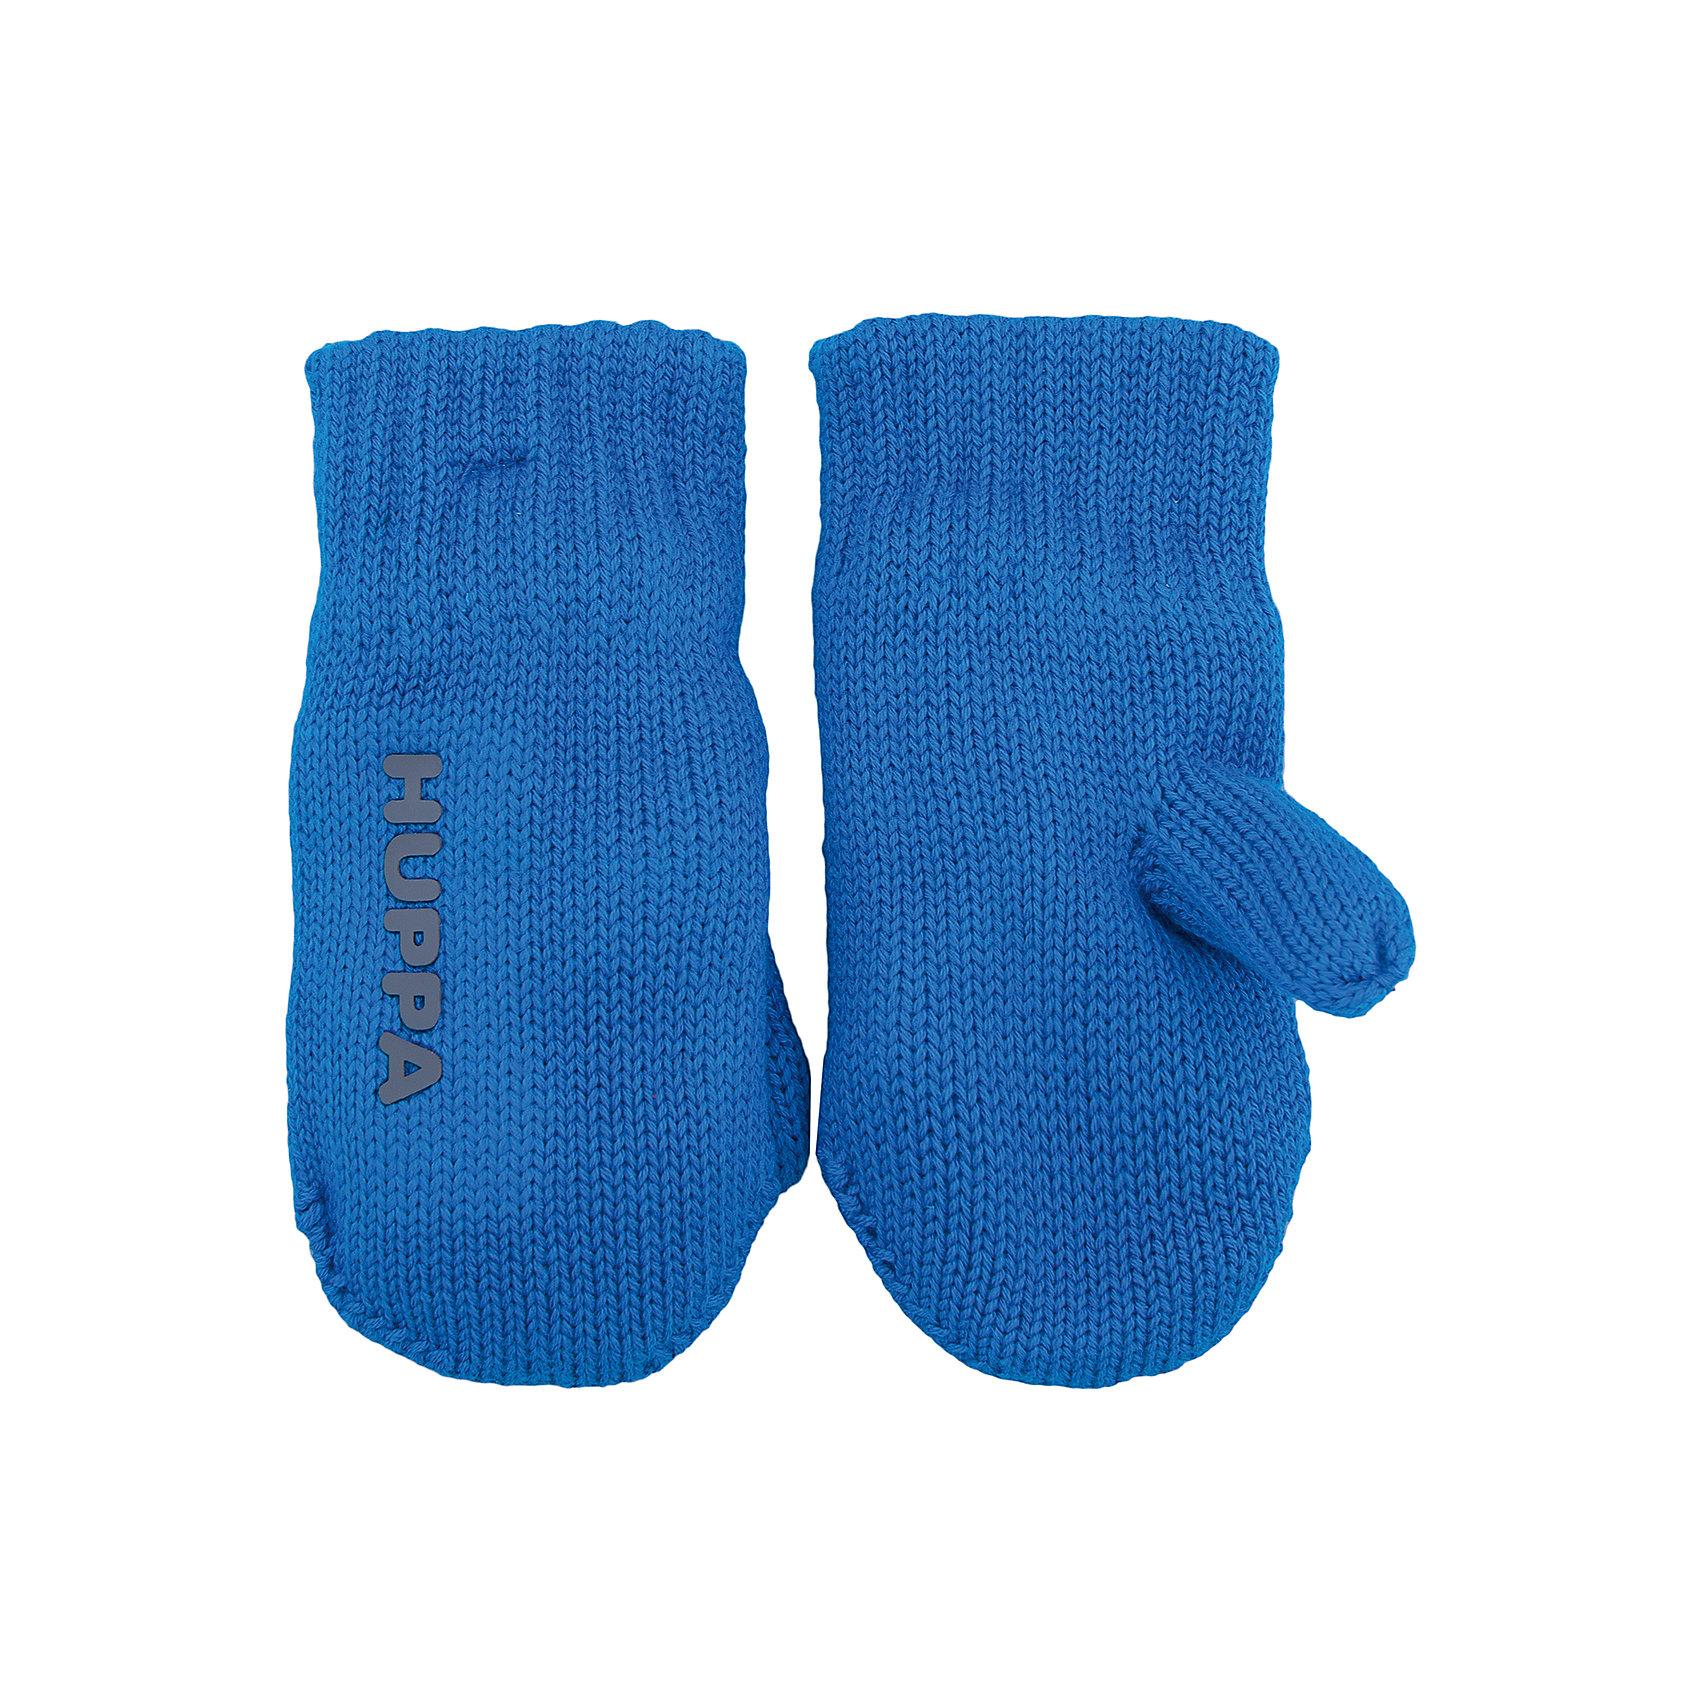 Варежки Huppa OlvinПерчатки, варежки<br>Характеристики товара:<br><br>• модель: Olvin;<br>• цвет: голубой;<br>• состав: 55% полиэстер, 20% акрил, 20% нейлон, 5% шерсть; <br>• подкладка: 100% полиэстер, флис;<br>• без дополнительного утепления;<br>• сезон: зима;<br>• температурный режим: от 0°С до -20°С;<br>• особенности: вязаные, на подкладке;<br>• светоотражающие надпись;<br>• страна бренда: Финляндия;<br>• страна изготовитель: Эстония.<br><br>Вязаные варежки на флисовой подкладке. Отлично подойдут в морозную погоду. <br><br>Варежки Huppa Olvin (Хуппа) можно купить в нашем интернет-магазине.<br><br>Ширина мм: 162<br>Глубина мм: 171<br>Высота мм: 55<br>Вес г: 119<br>Цвет: синий<br>Возраст от месяцев: 3<br>Возраст до месяцев: 12<br>Пол: Унисекс<br>Возраст: Детский<br>Размер: 1,5,4,3,2<br>SKU: 4923768